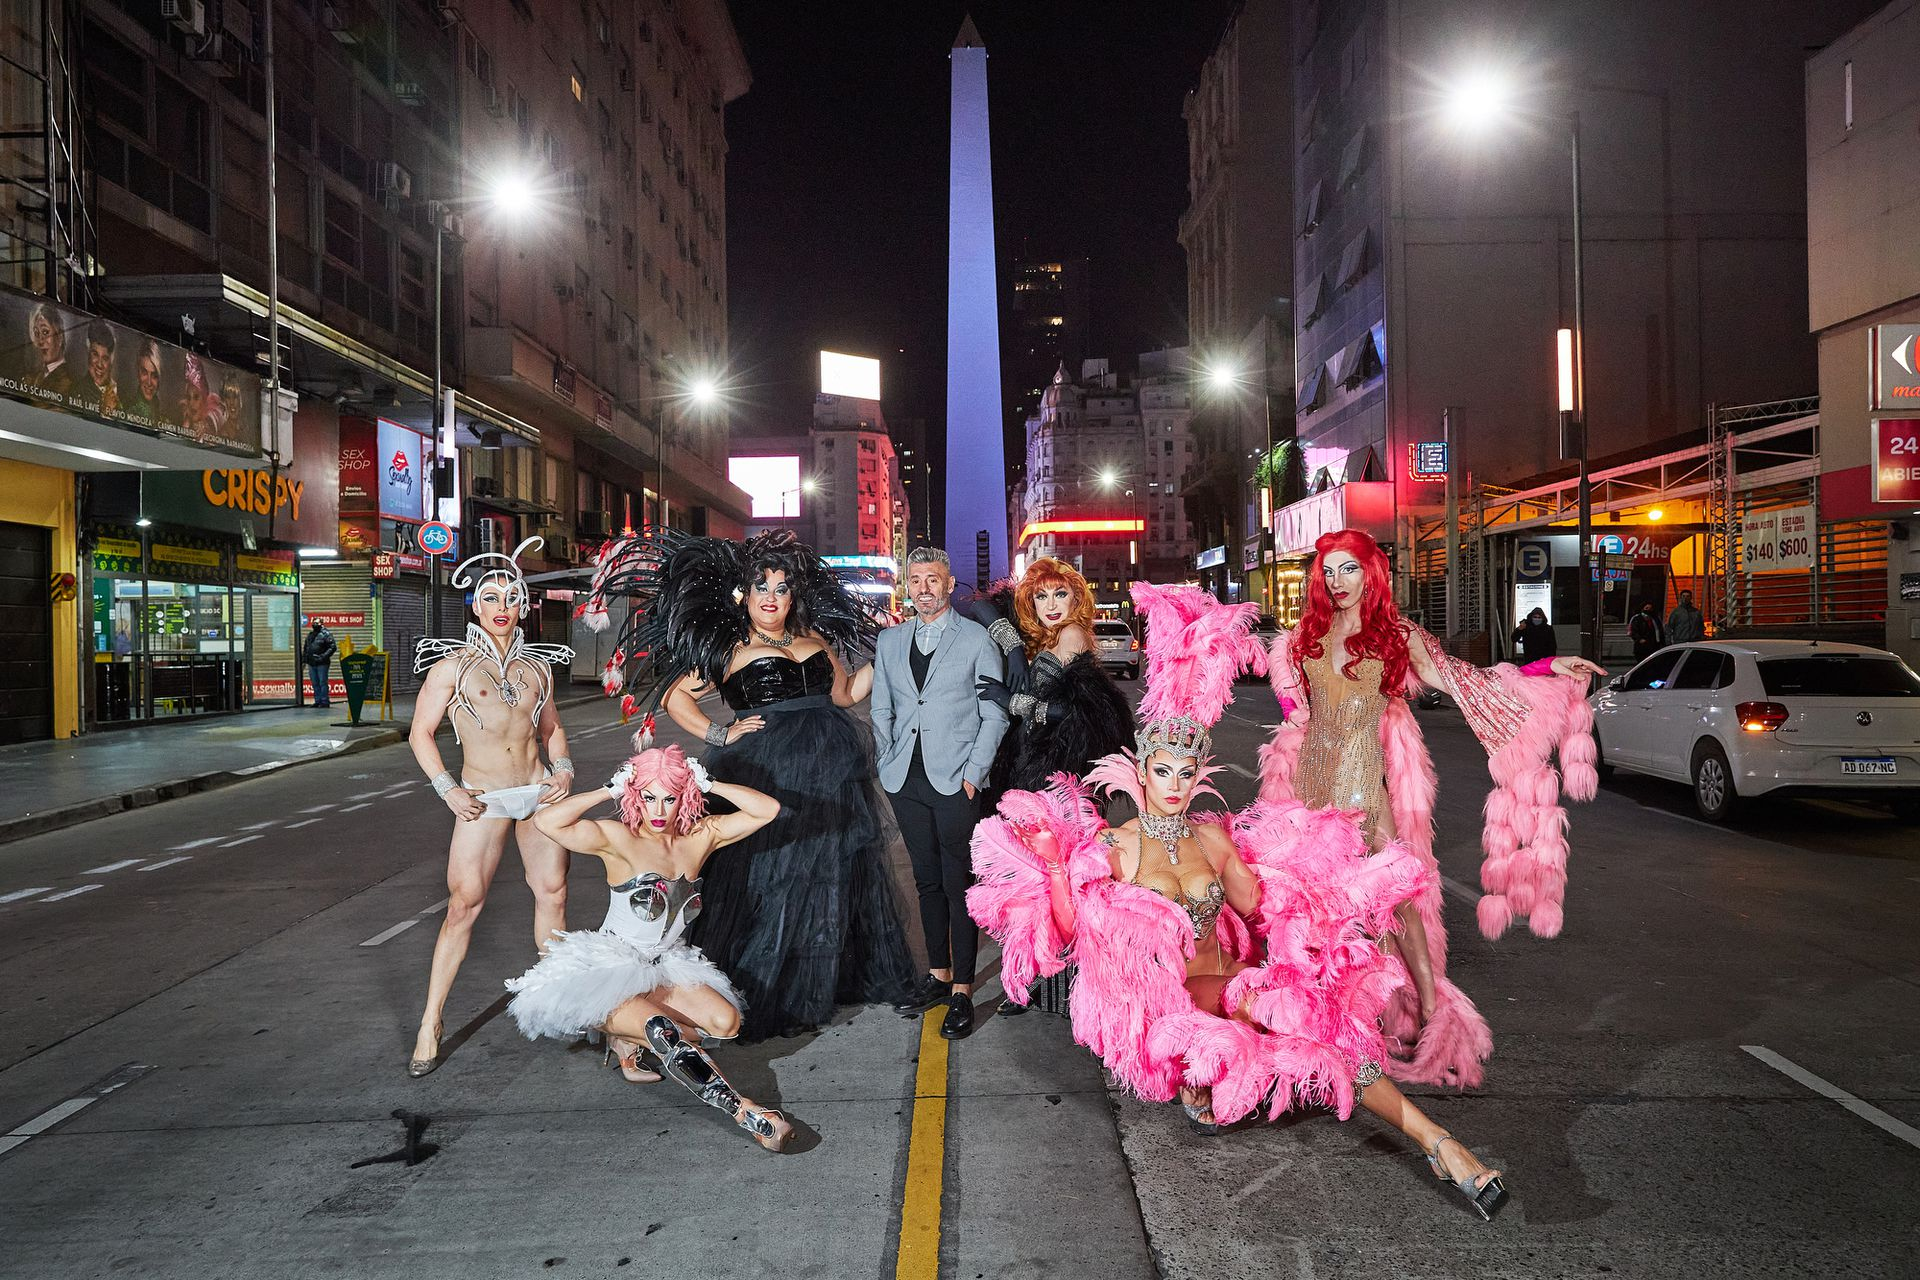 Sergio Goycochea protagonizará el nuevo espectáculo de Flavio Mendoza, Bendito tu eres, que se estrena en el teatro Broadway